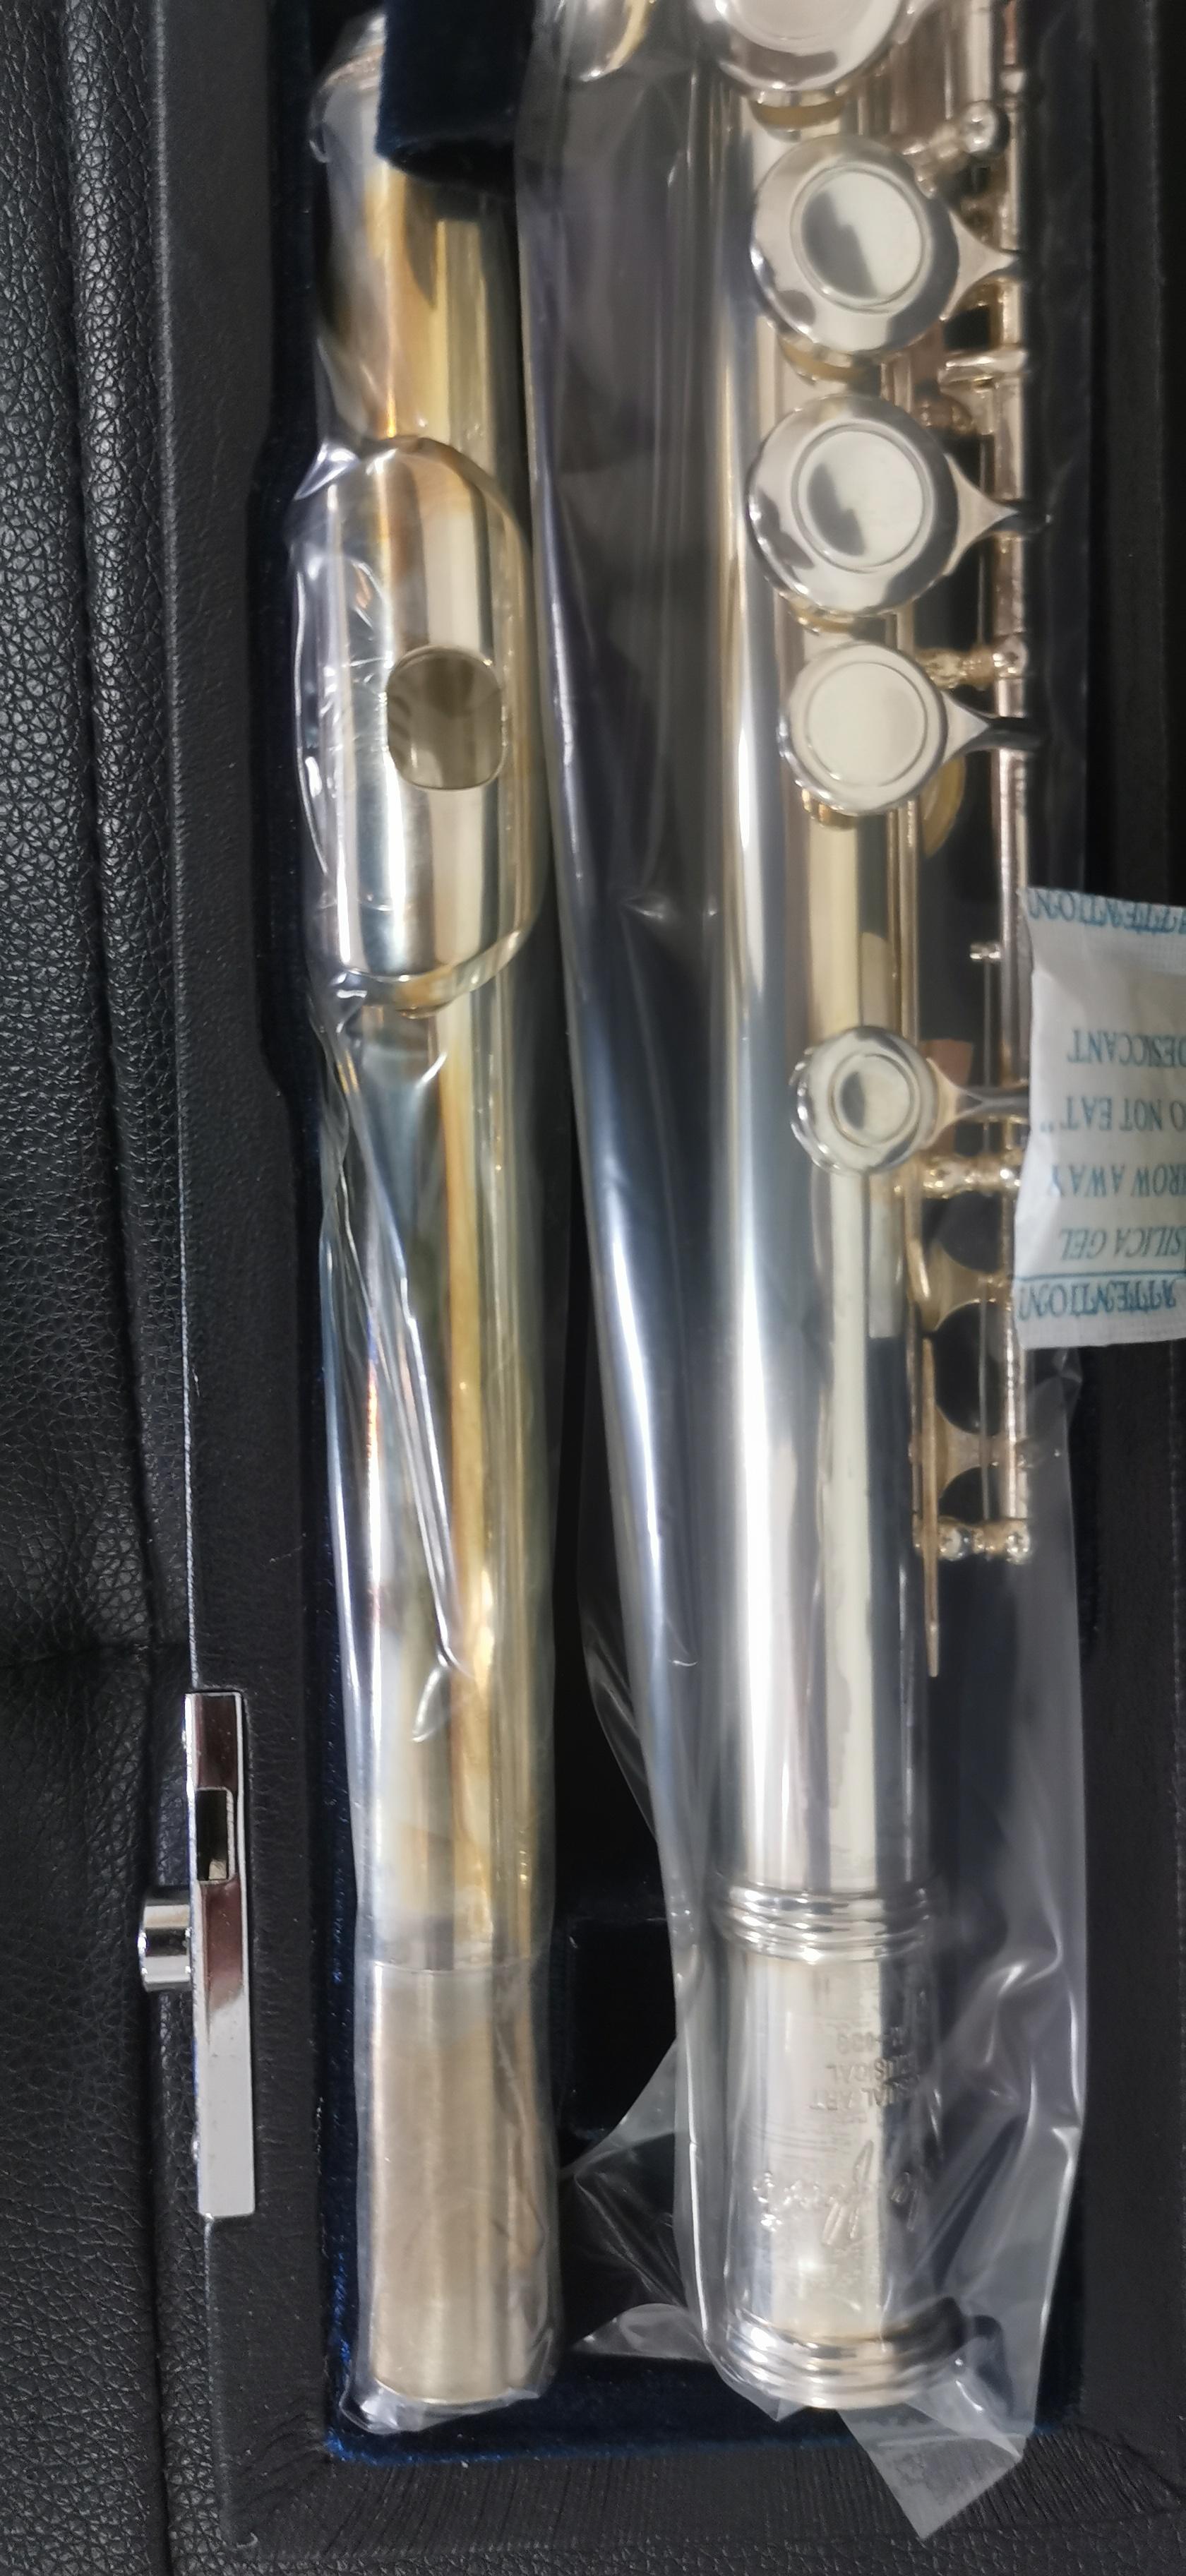 特价2支全新美国ML长笛(未使用,但是有自然氧化)原价3800元现在1800元